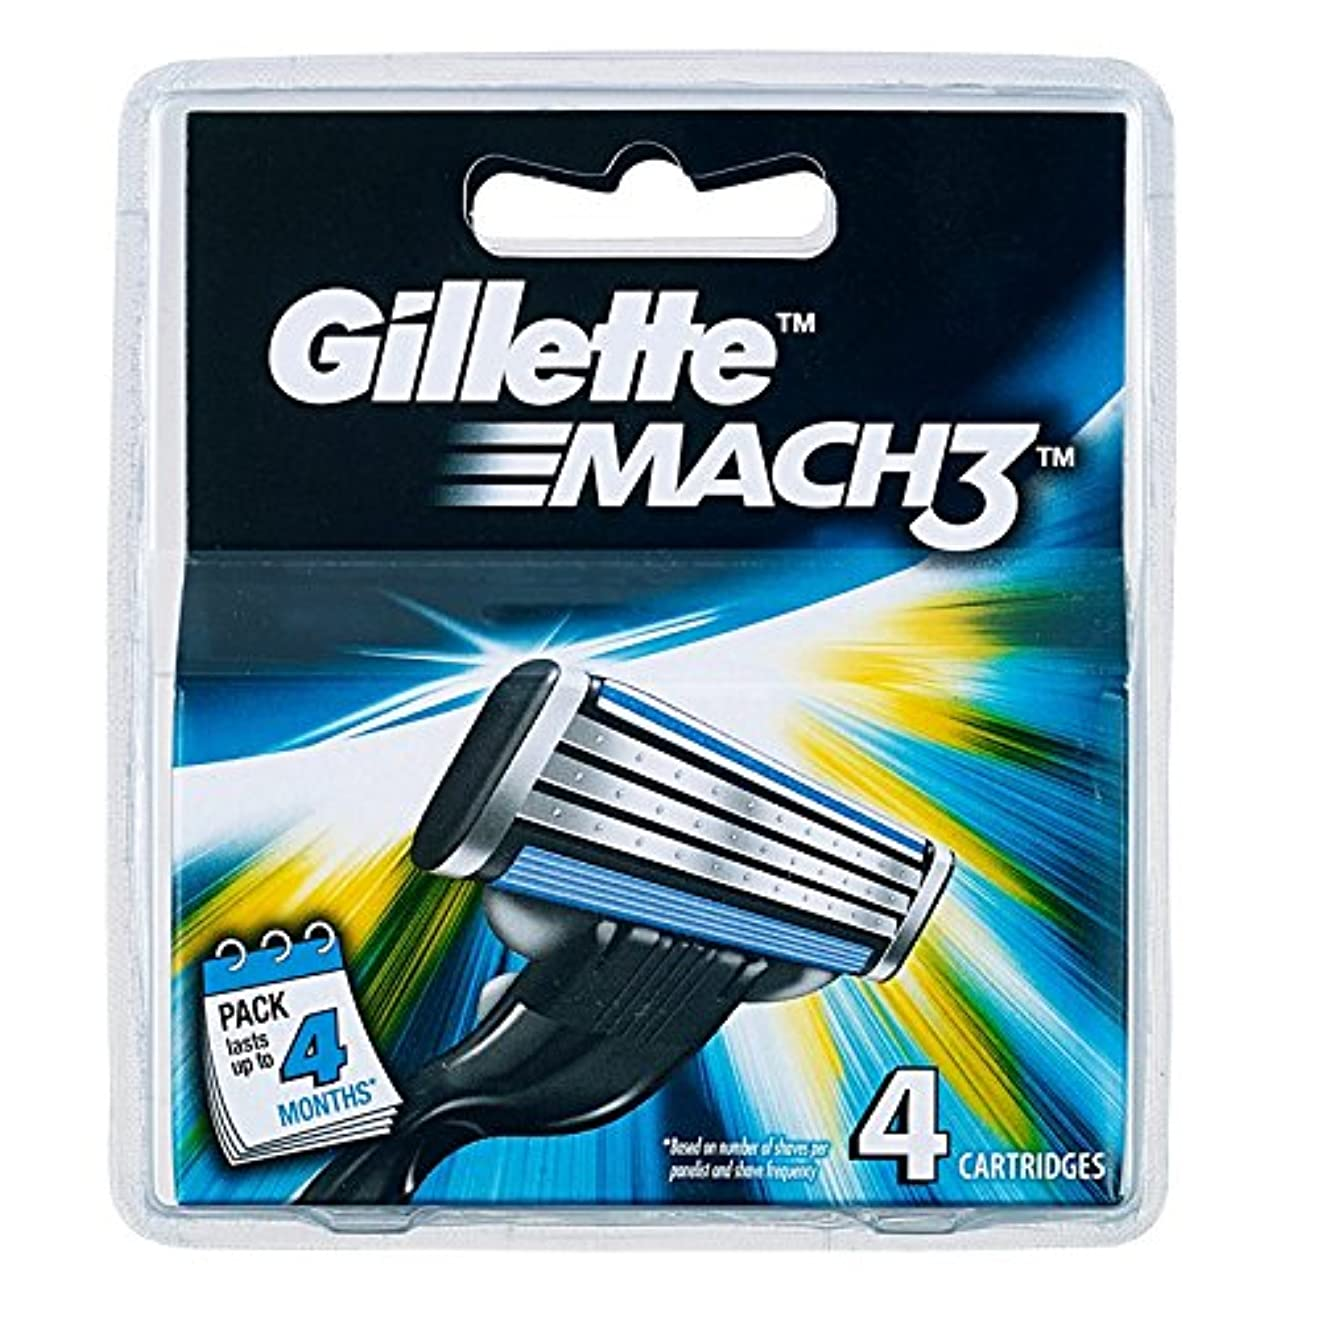 ピザ不公平犯人Gillette MACH3 SHAVING RAZOR CARTRIDGES BLADES 4 Pack [並行輸入品]